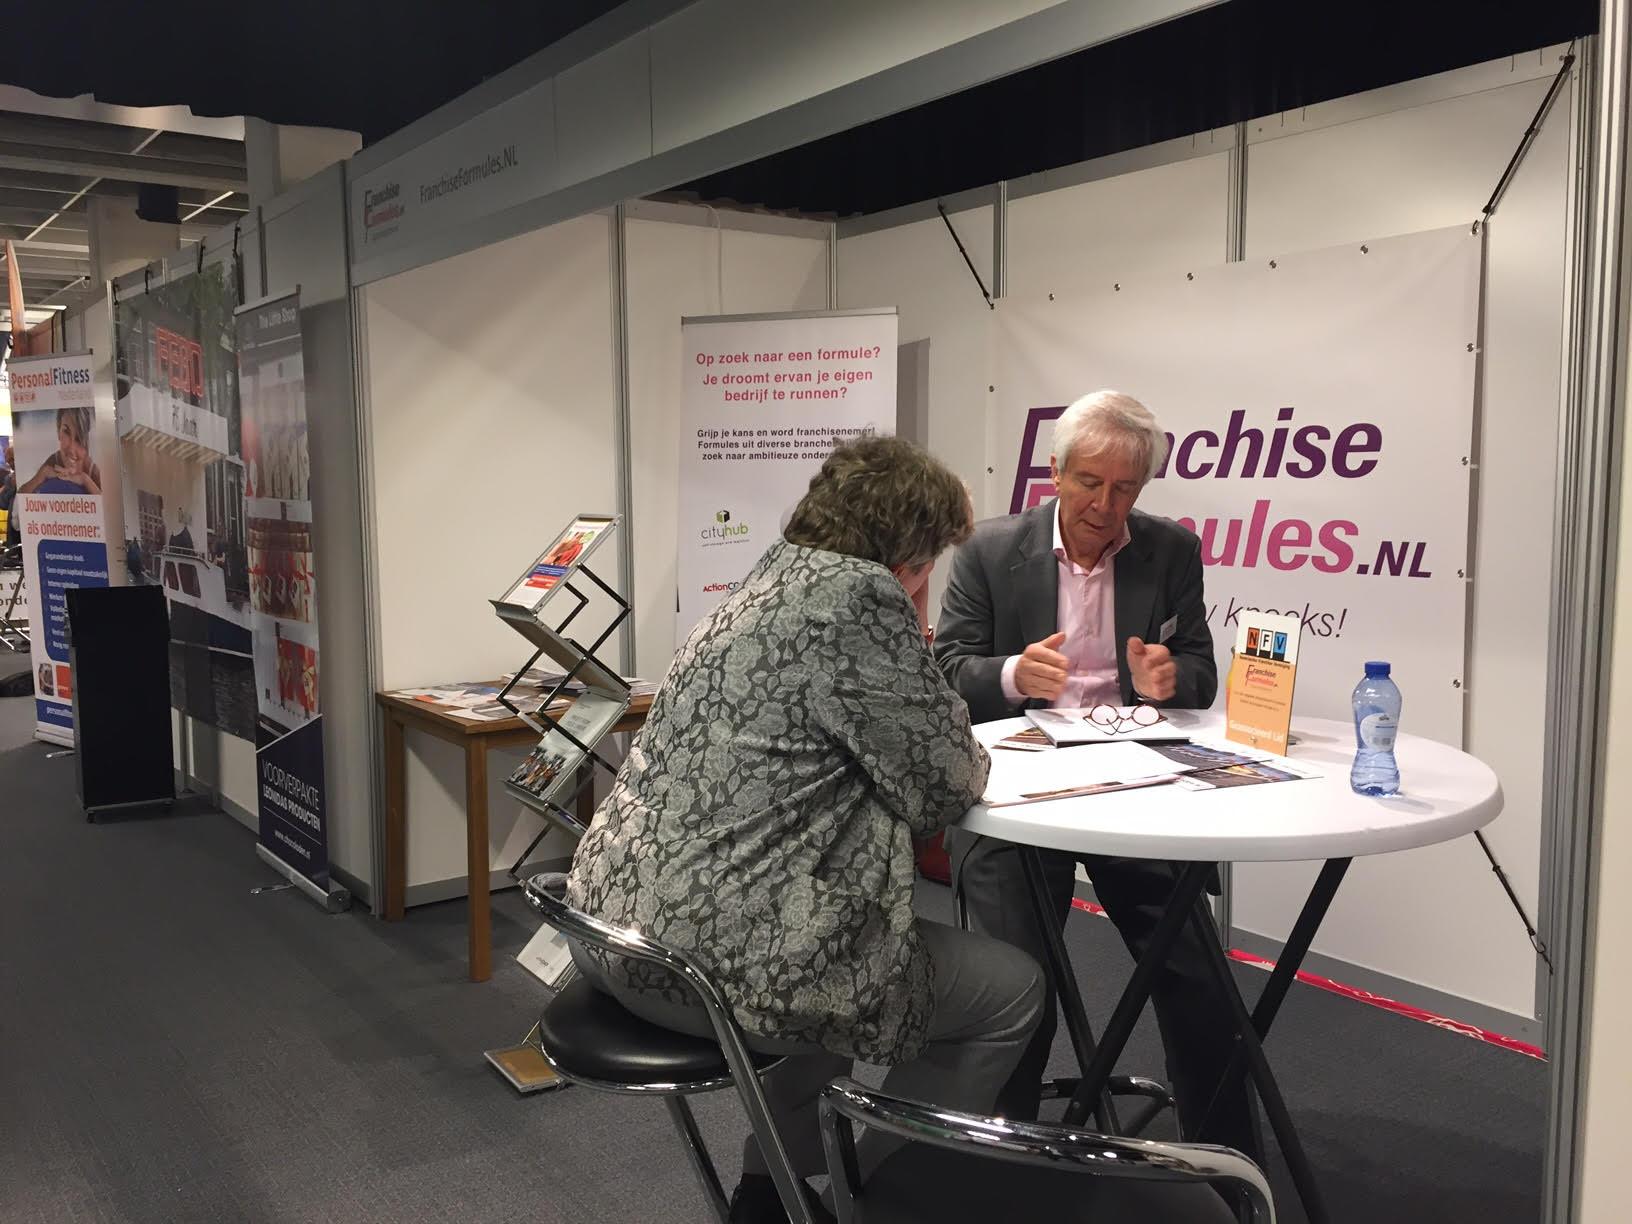 Frank van Rijk van de FranchiseFormules Adviestak in gesprek met een van de vele kandidaten in de stand van FranchiseFormules.NL op franchisebeurs Onderneem 't! 2017. Bron: FranchiseFormules.NL